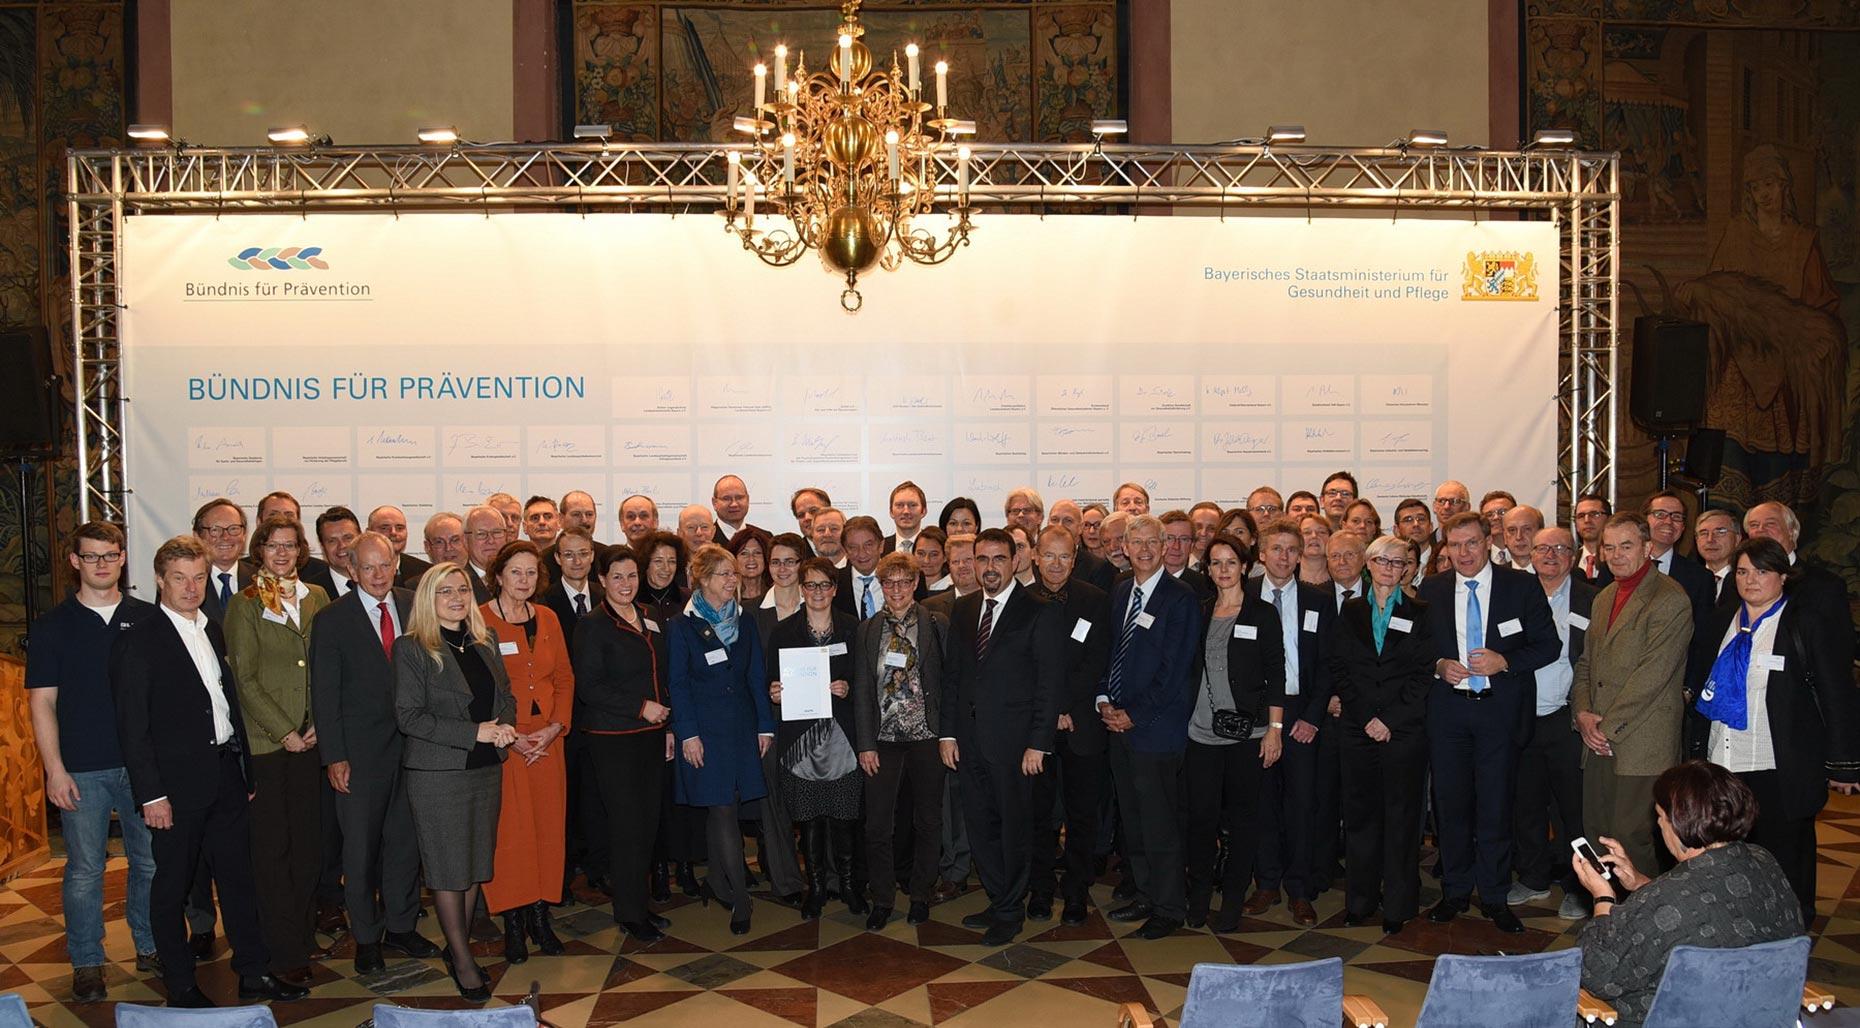 Bündnis für Prävention Unterzeichnung am 25. November 2015 in der Residenz München